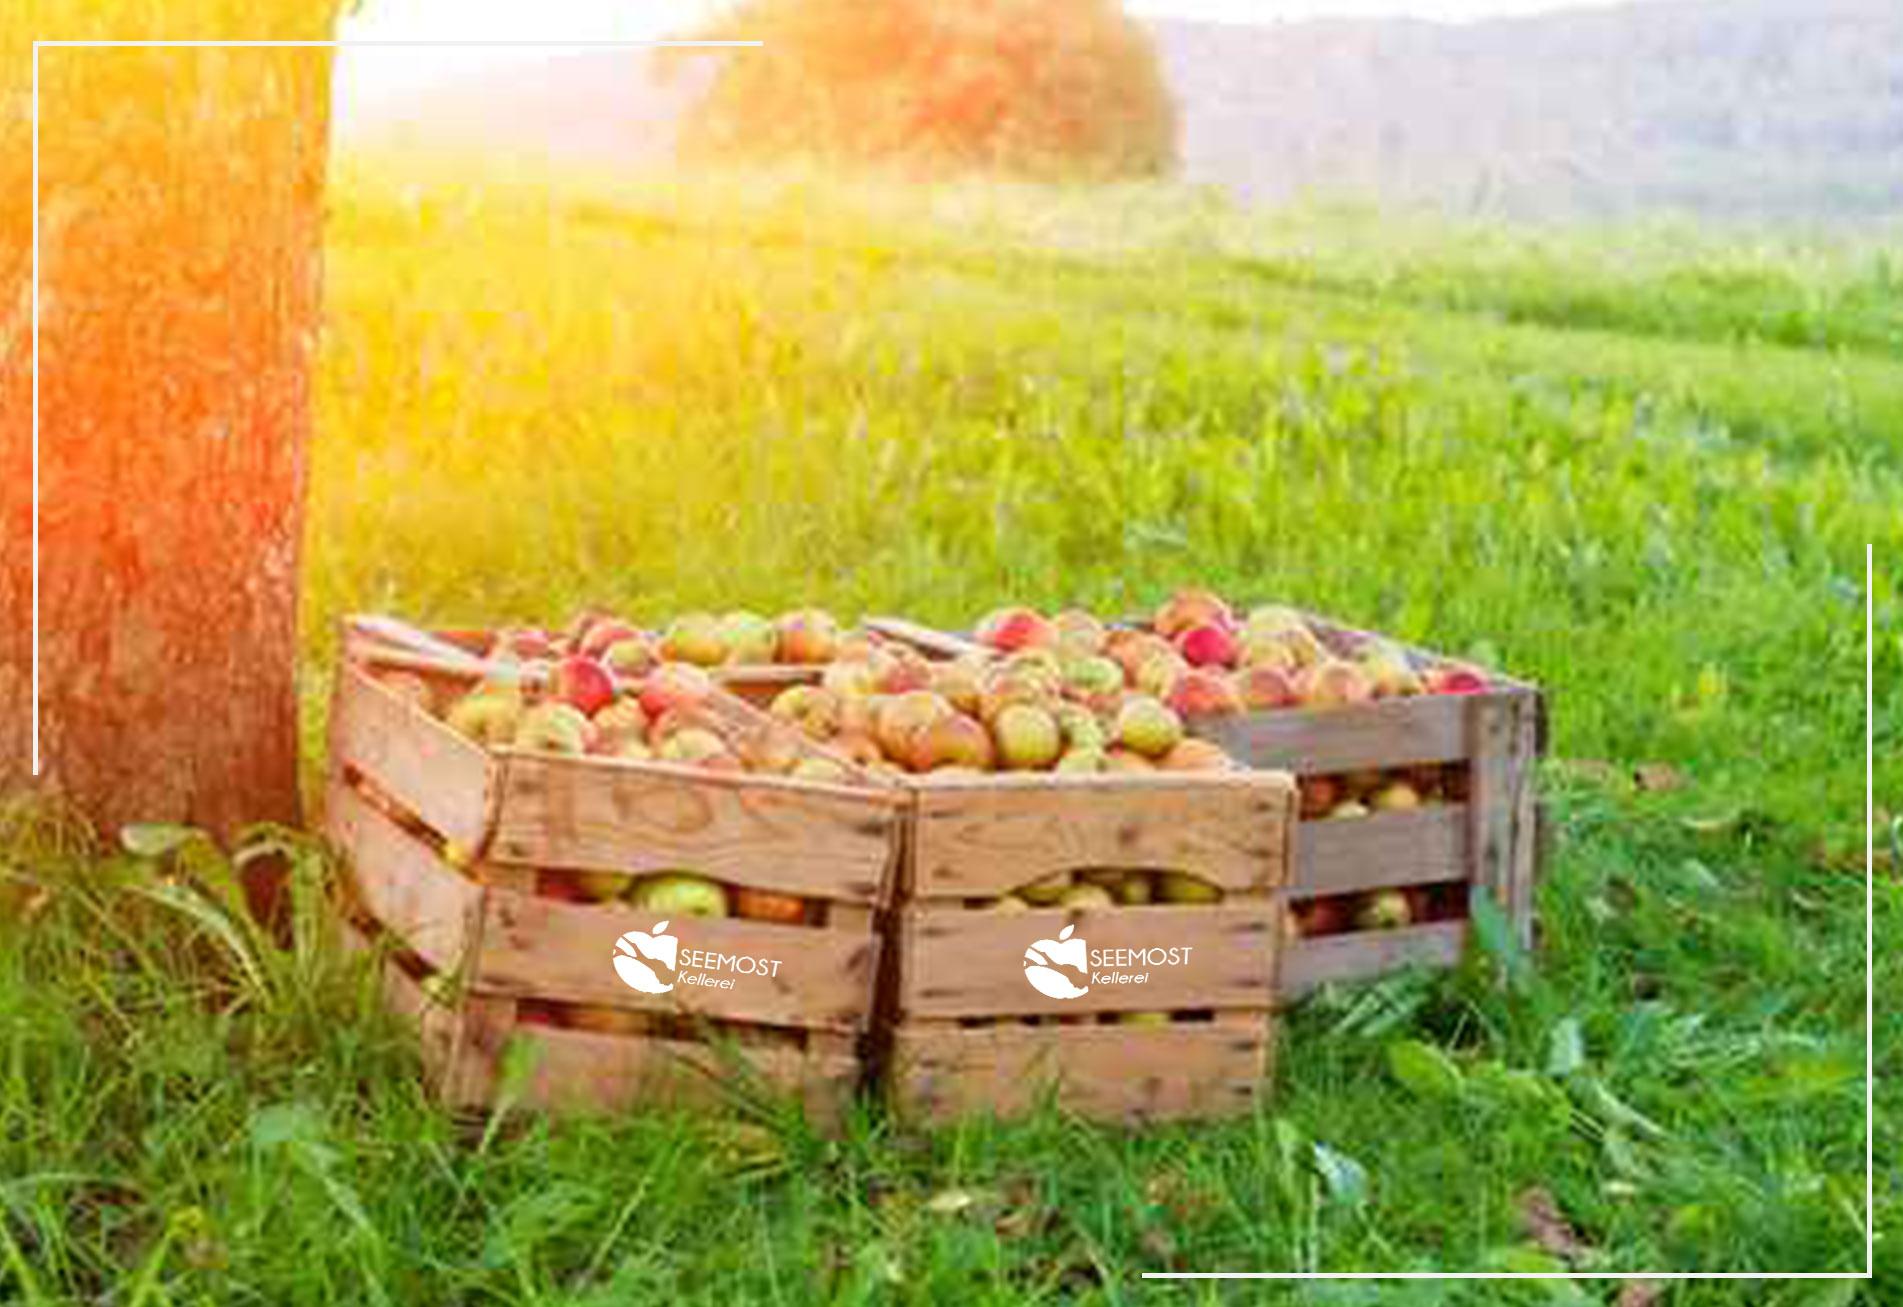 Unser Obstwein Seemost Kellerei